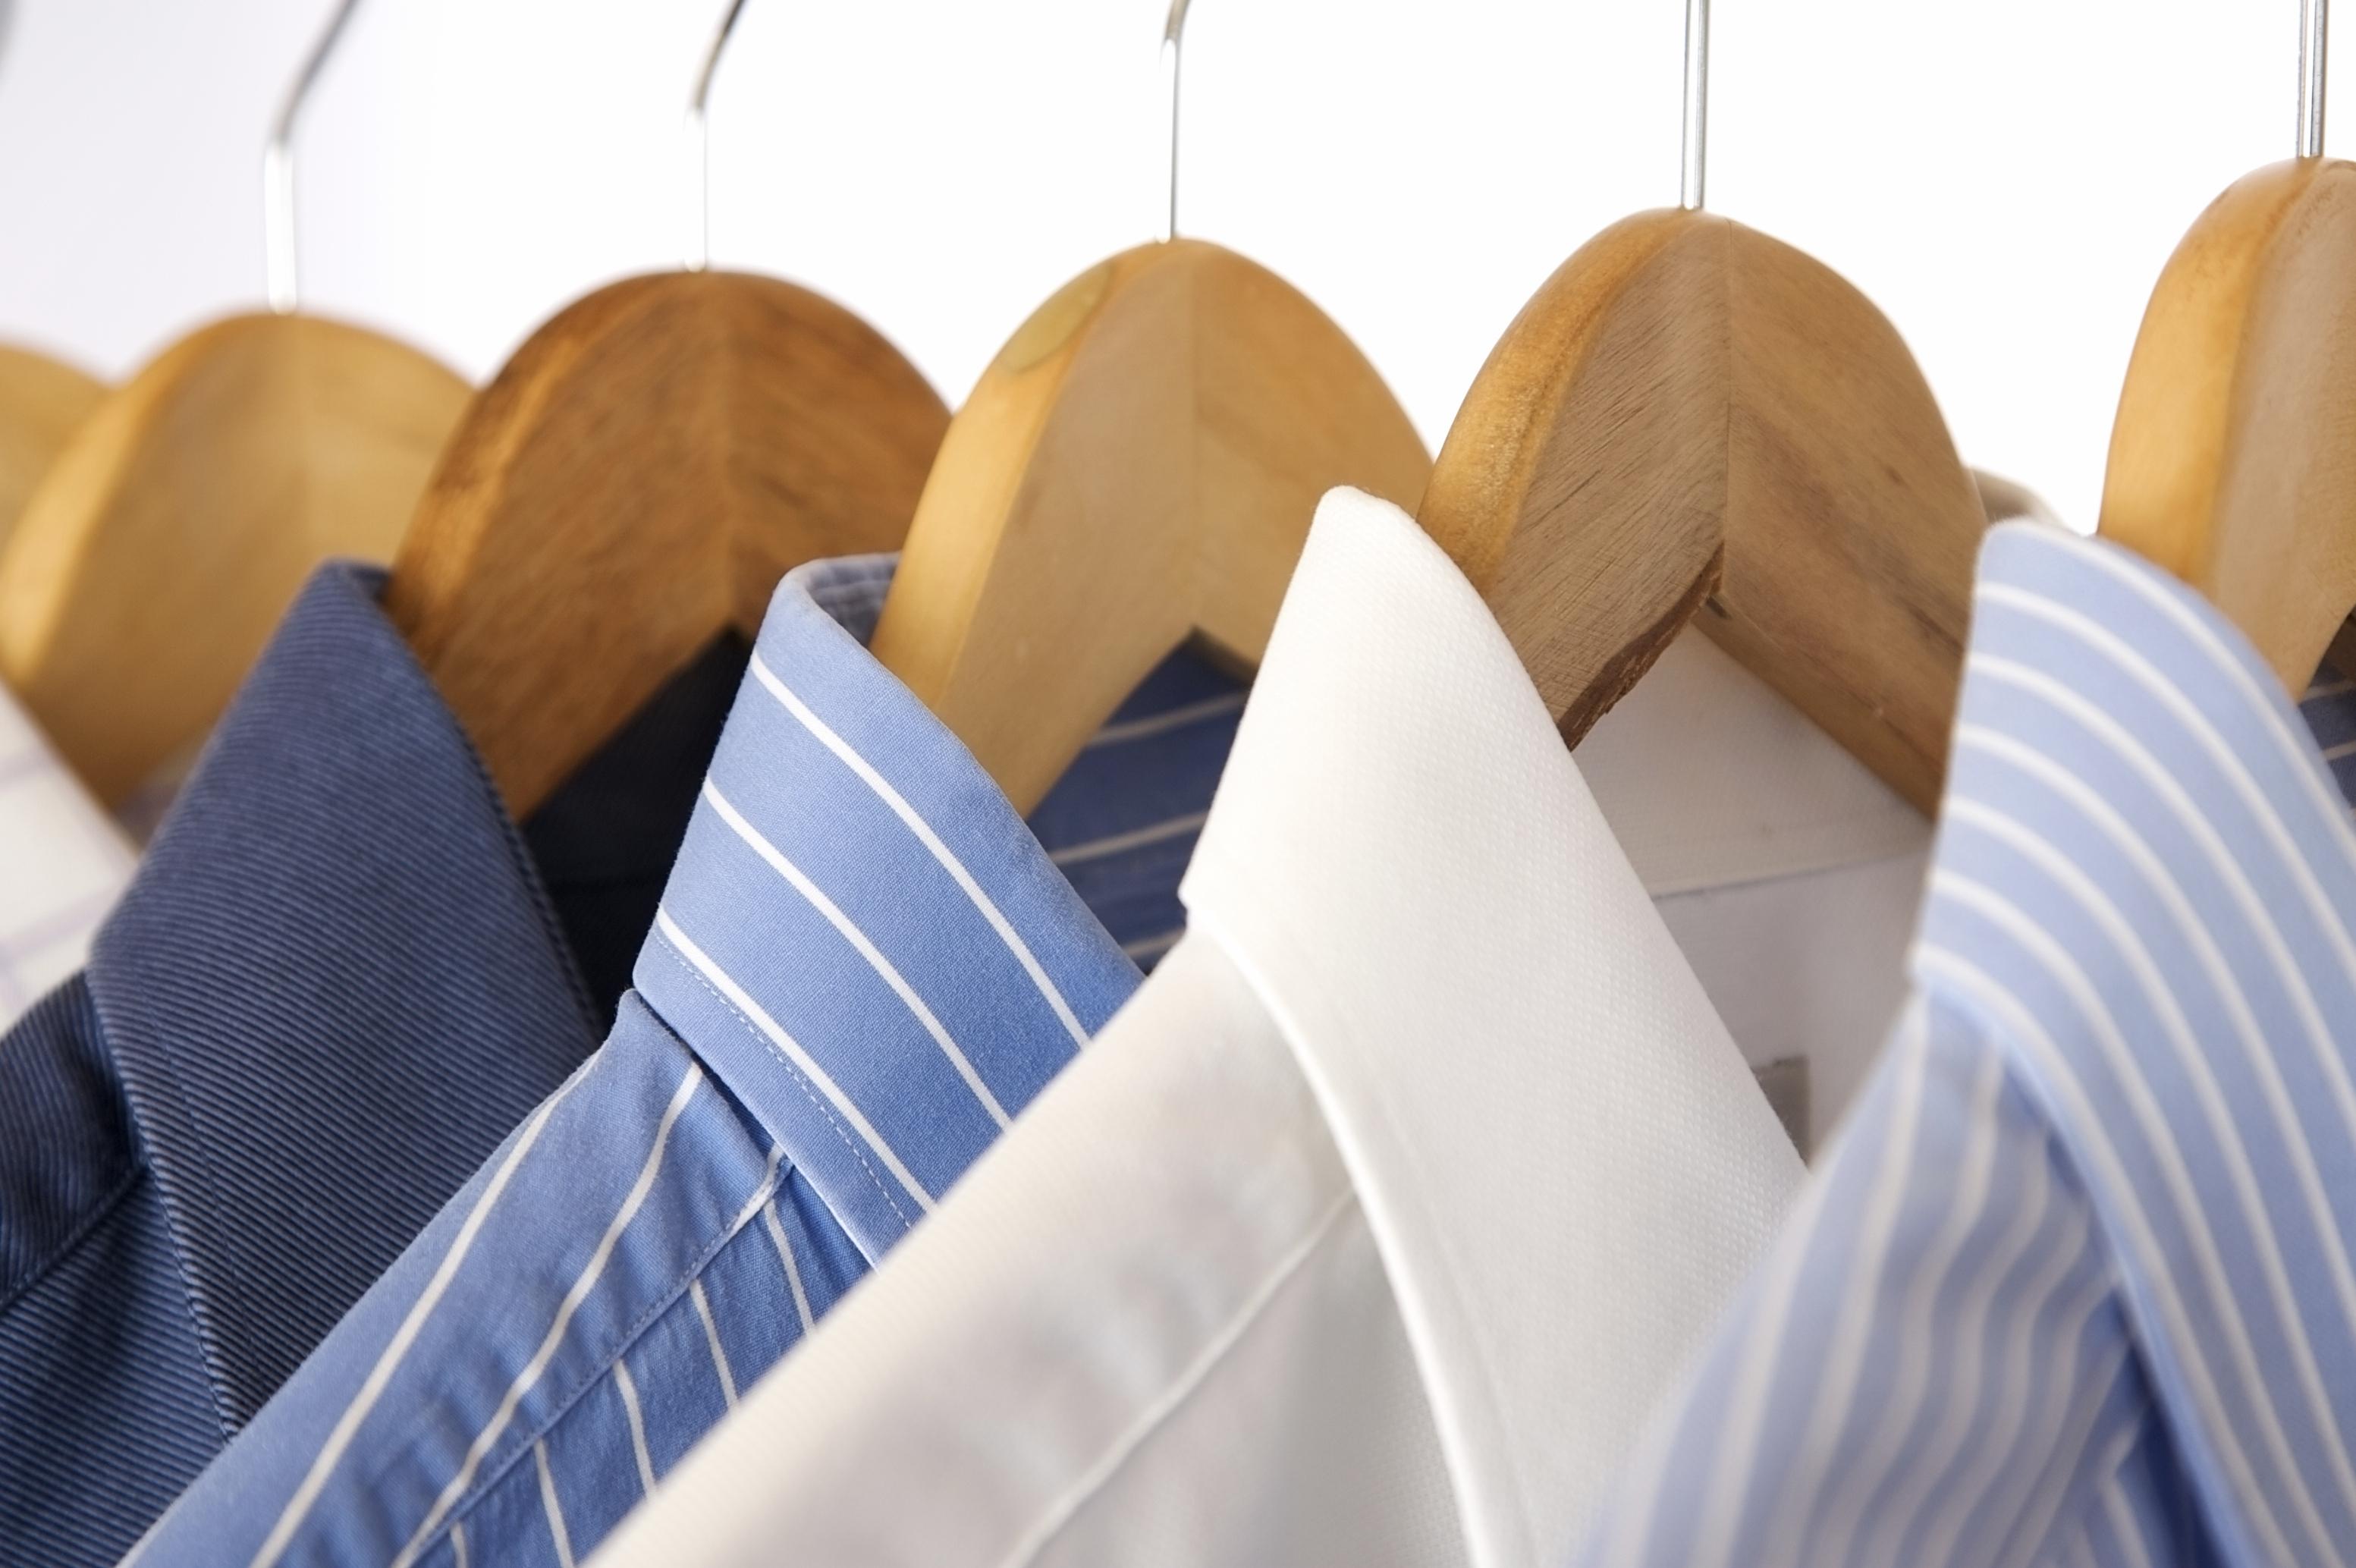 cel mai bine vândut prize de fabrică detalii pentru O antreprenoare din Arad aşteaptă afaceri de 500.000 de lei cu o ...